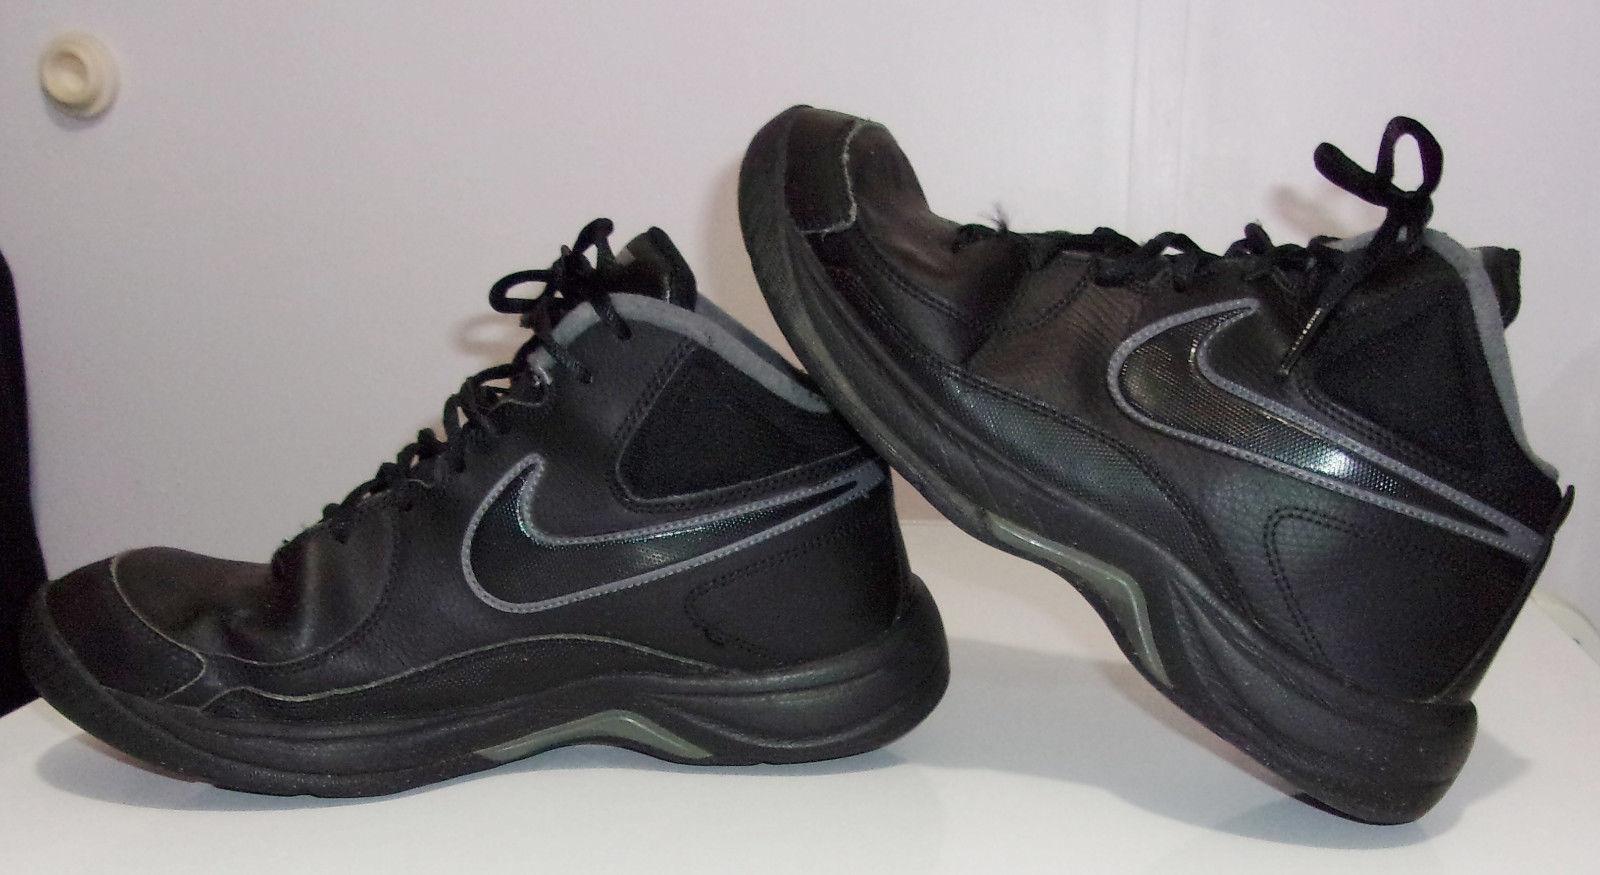 gli uomini sono nike calchi vii scarpe da basket e 50 oggetti simili